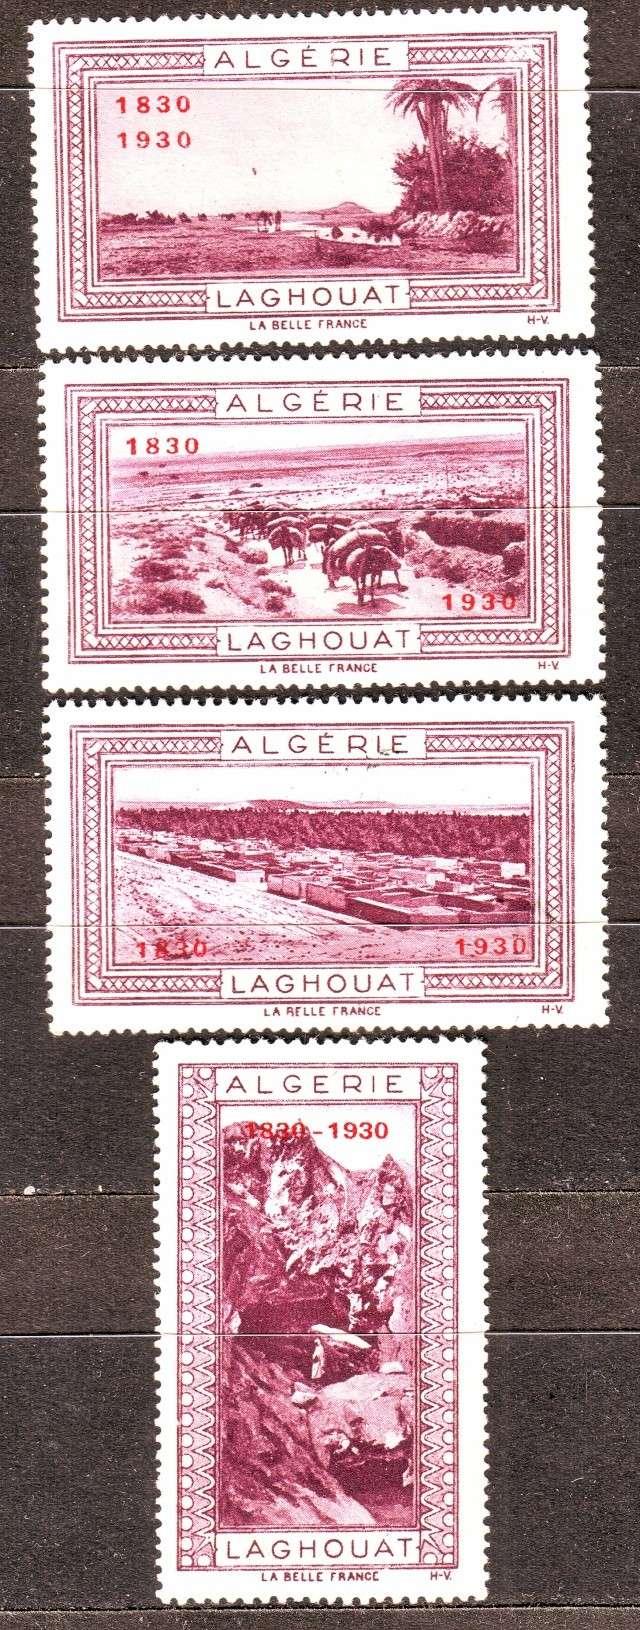 Une autre façon de célébrer le centenaire de l'Algérie. Sans_t36